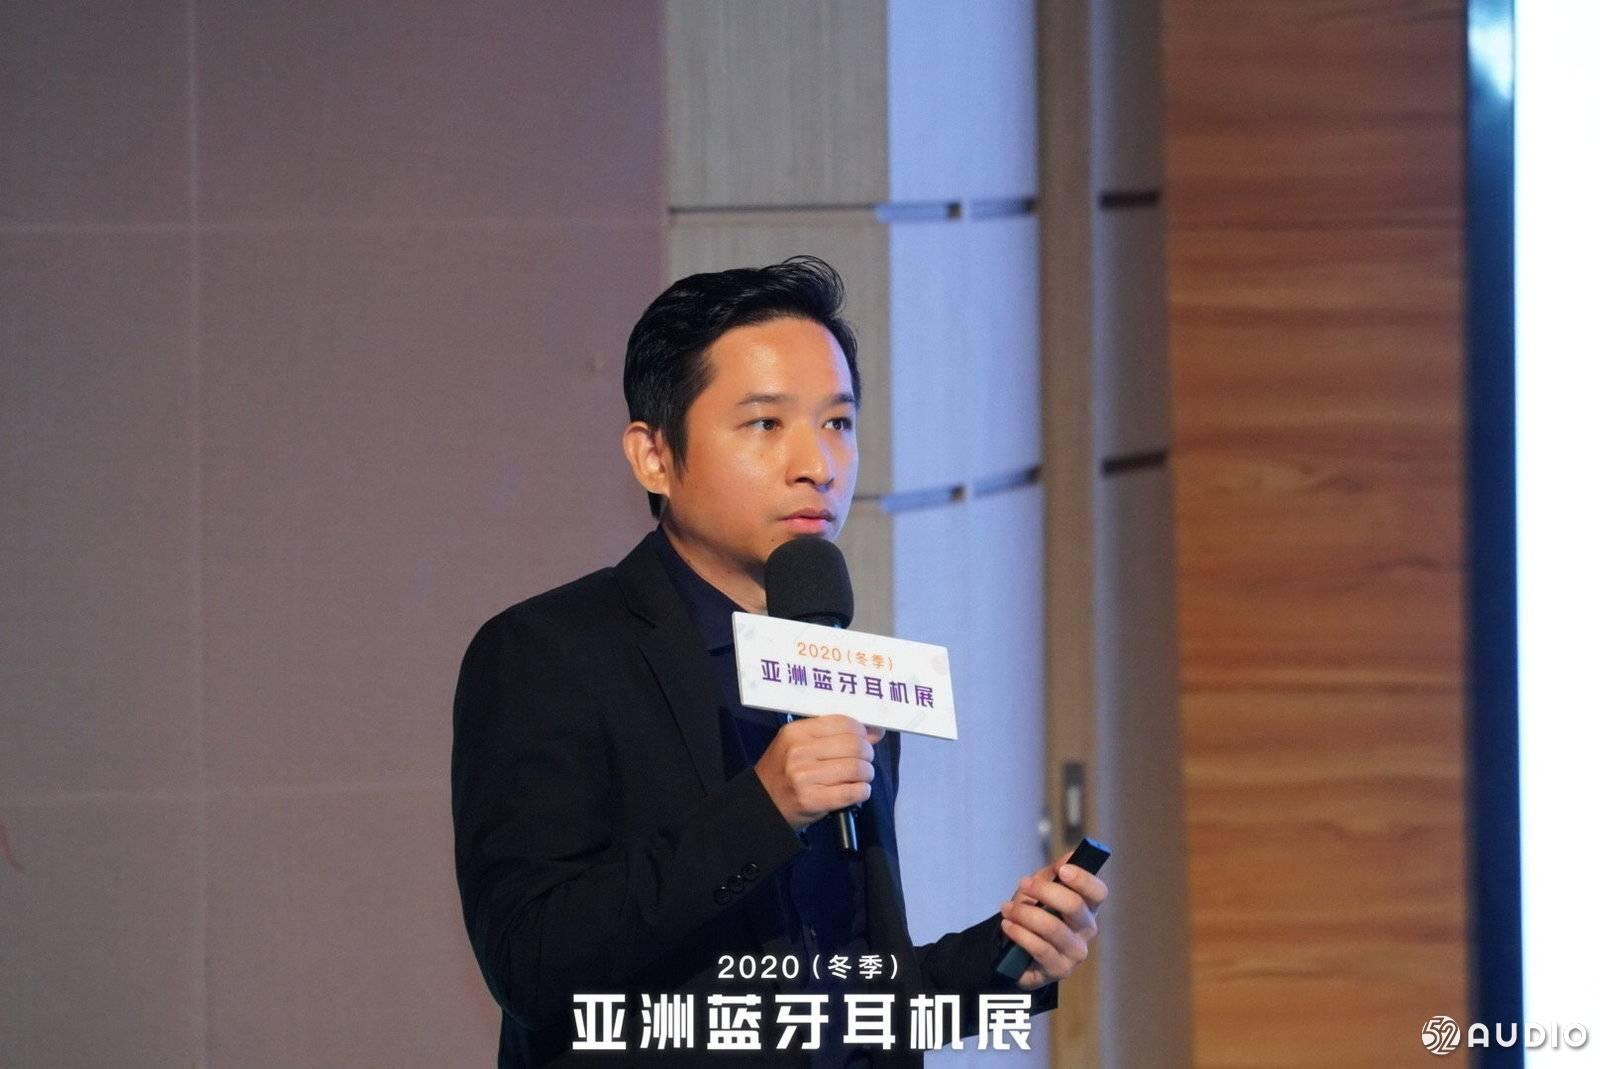 《动铁扬声器升级无线产品可听性能》Knowles Electronics (Shanghai) Co. Ltd-我爱音频网